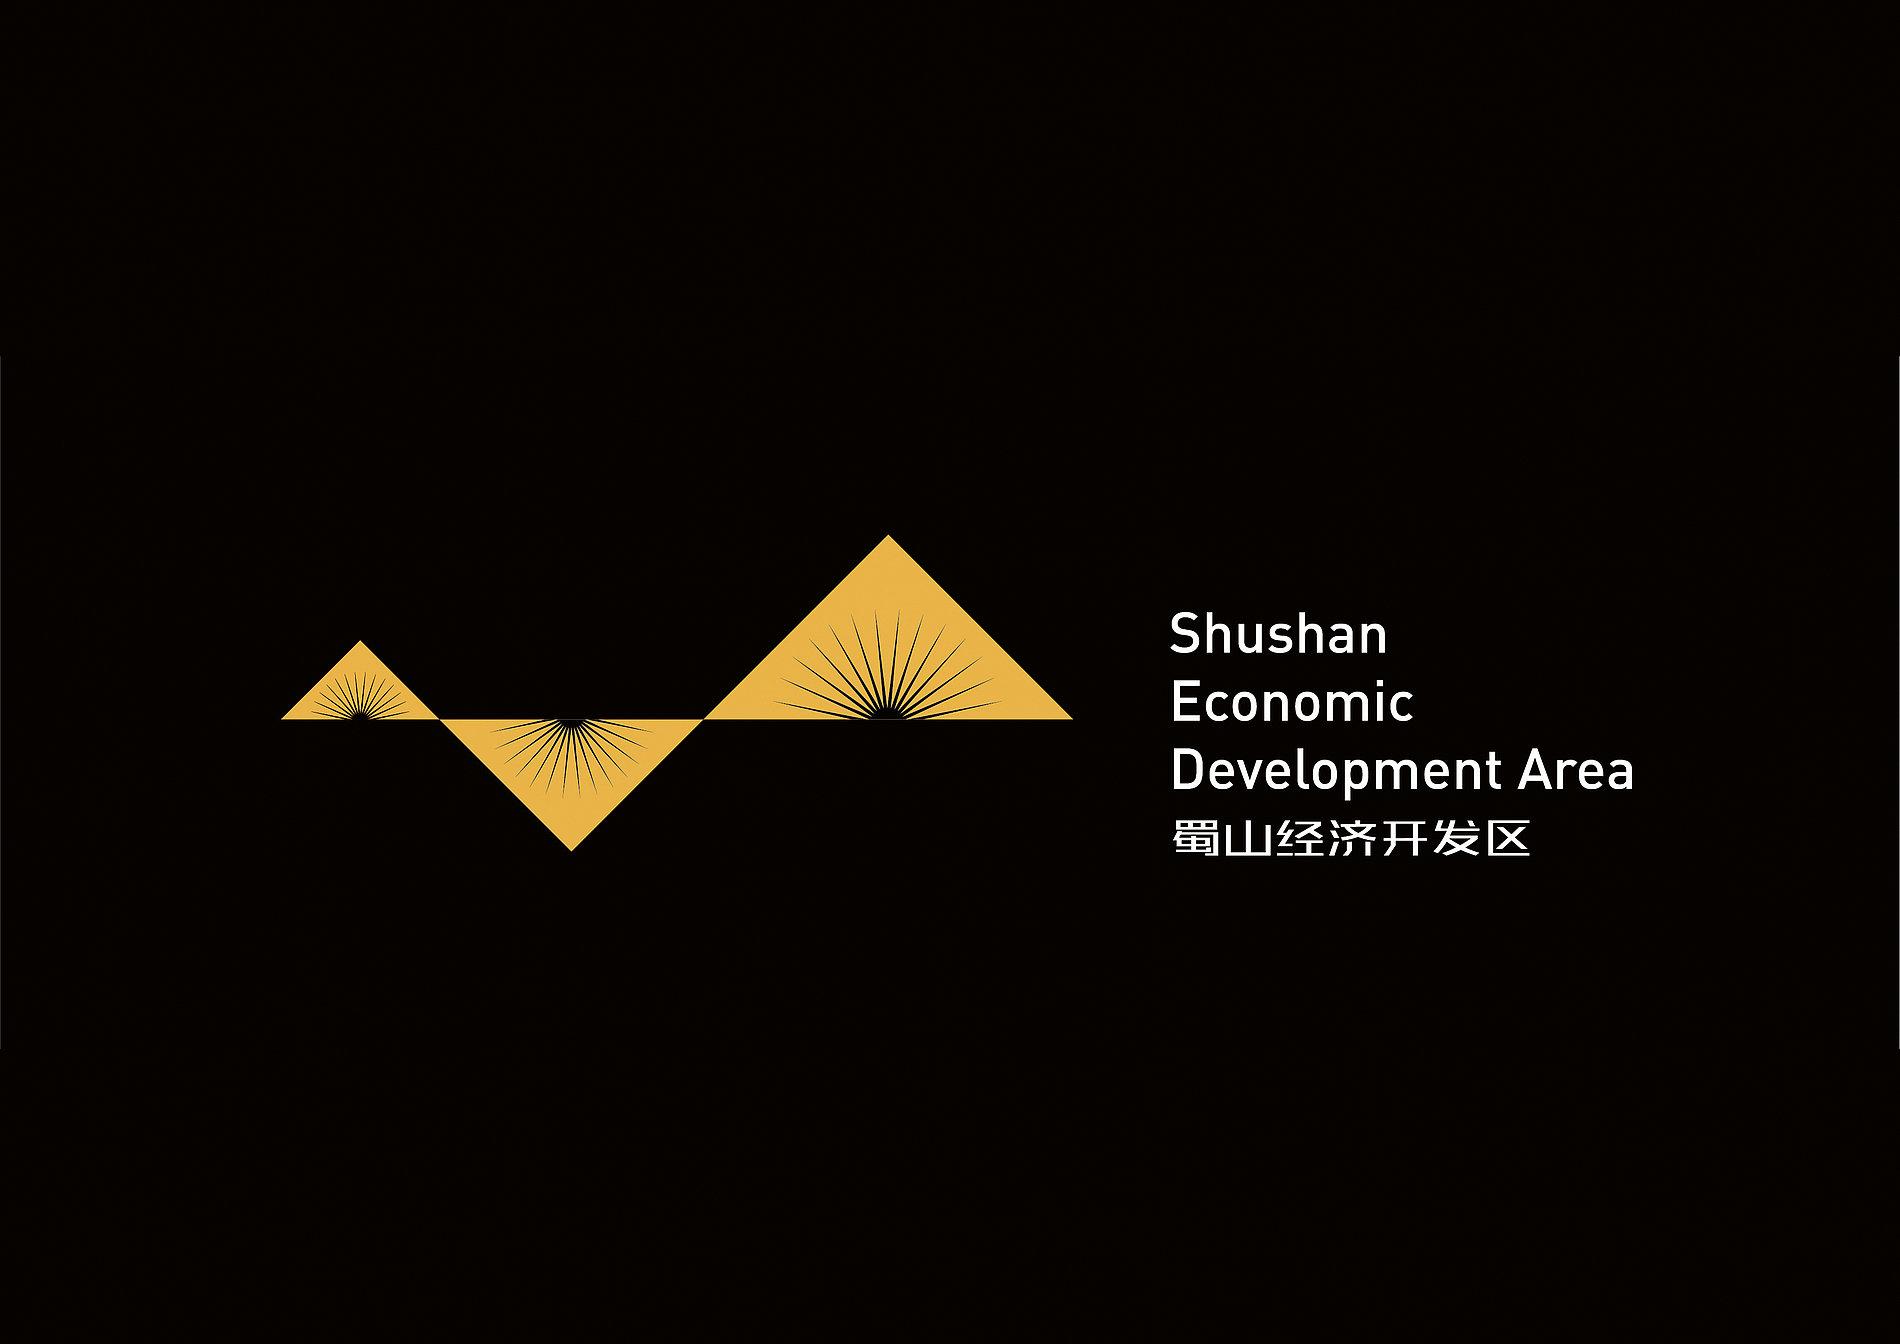 Shushan Economic Development Area | Red Dot Design Award